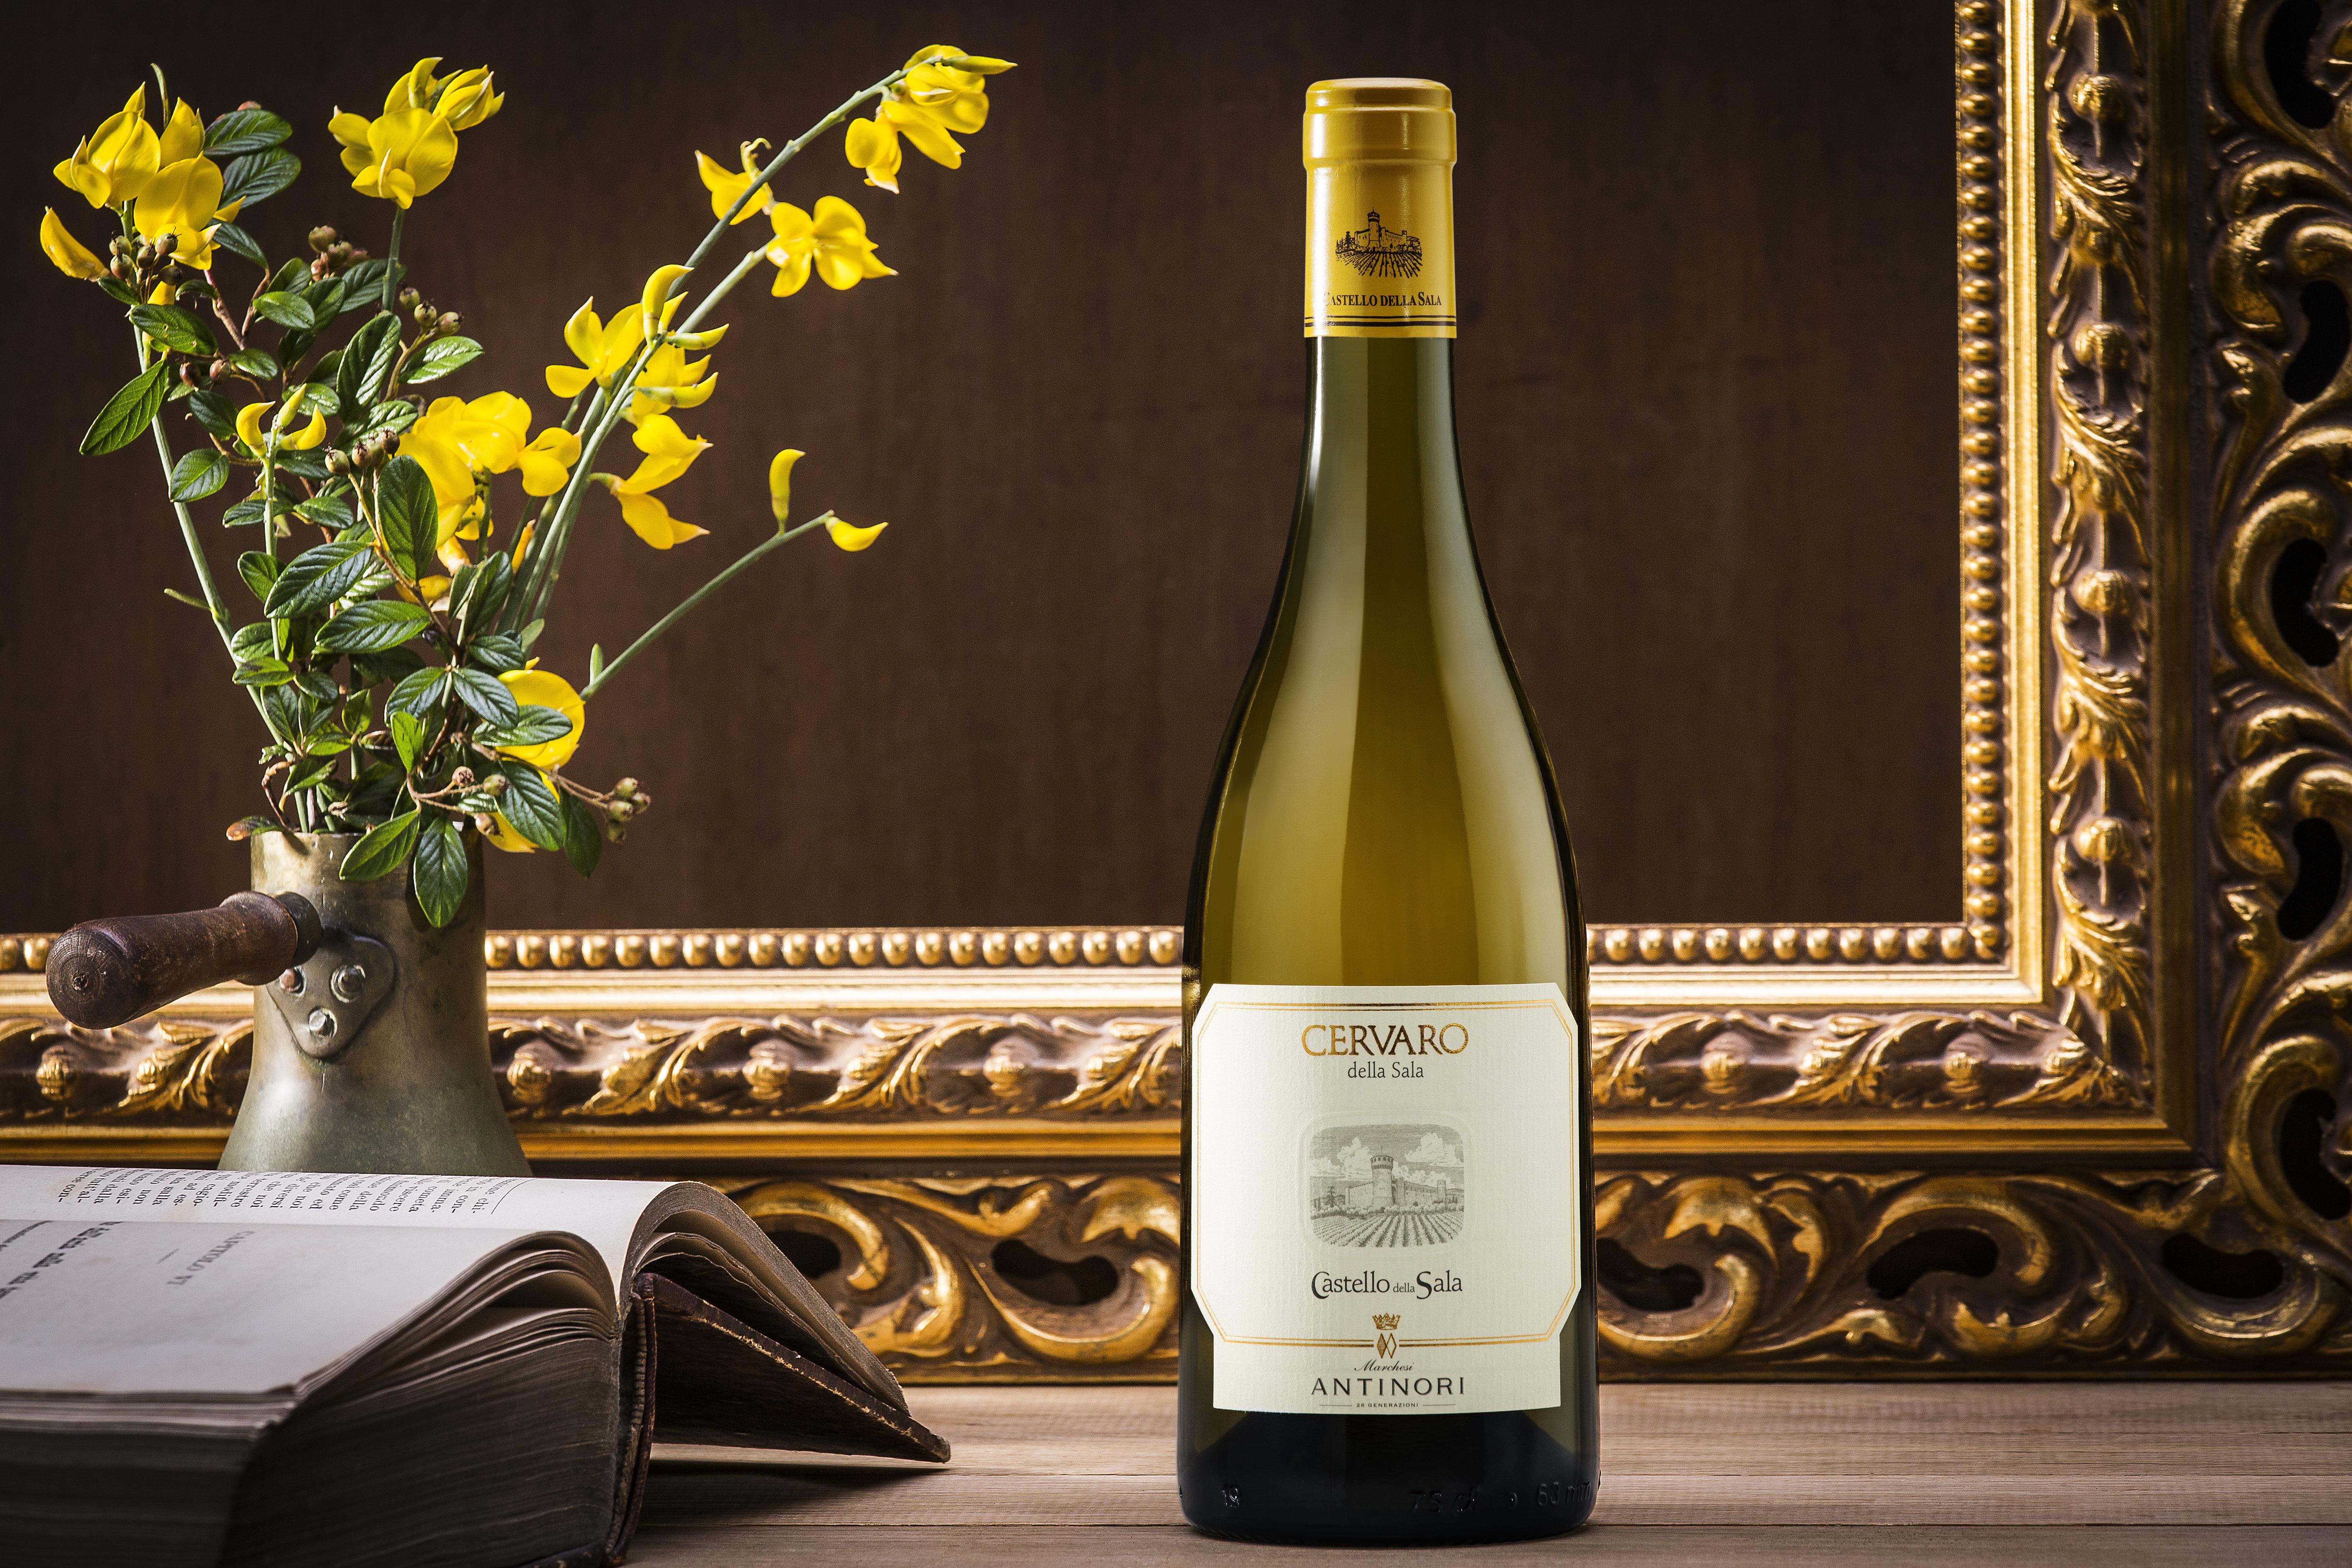 Il Cervaro della Sala, pioniere dei vini bianchi italiani da invecchiamento